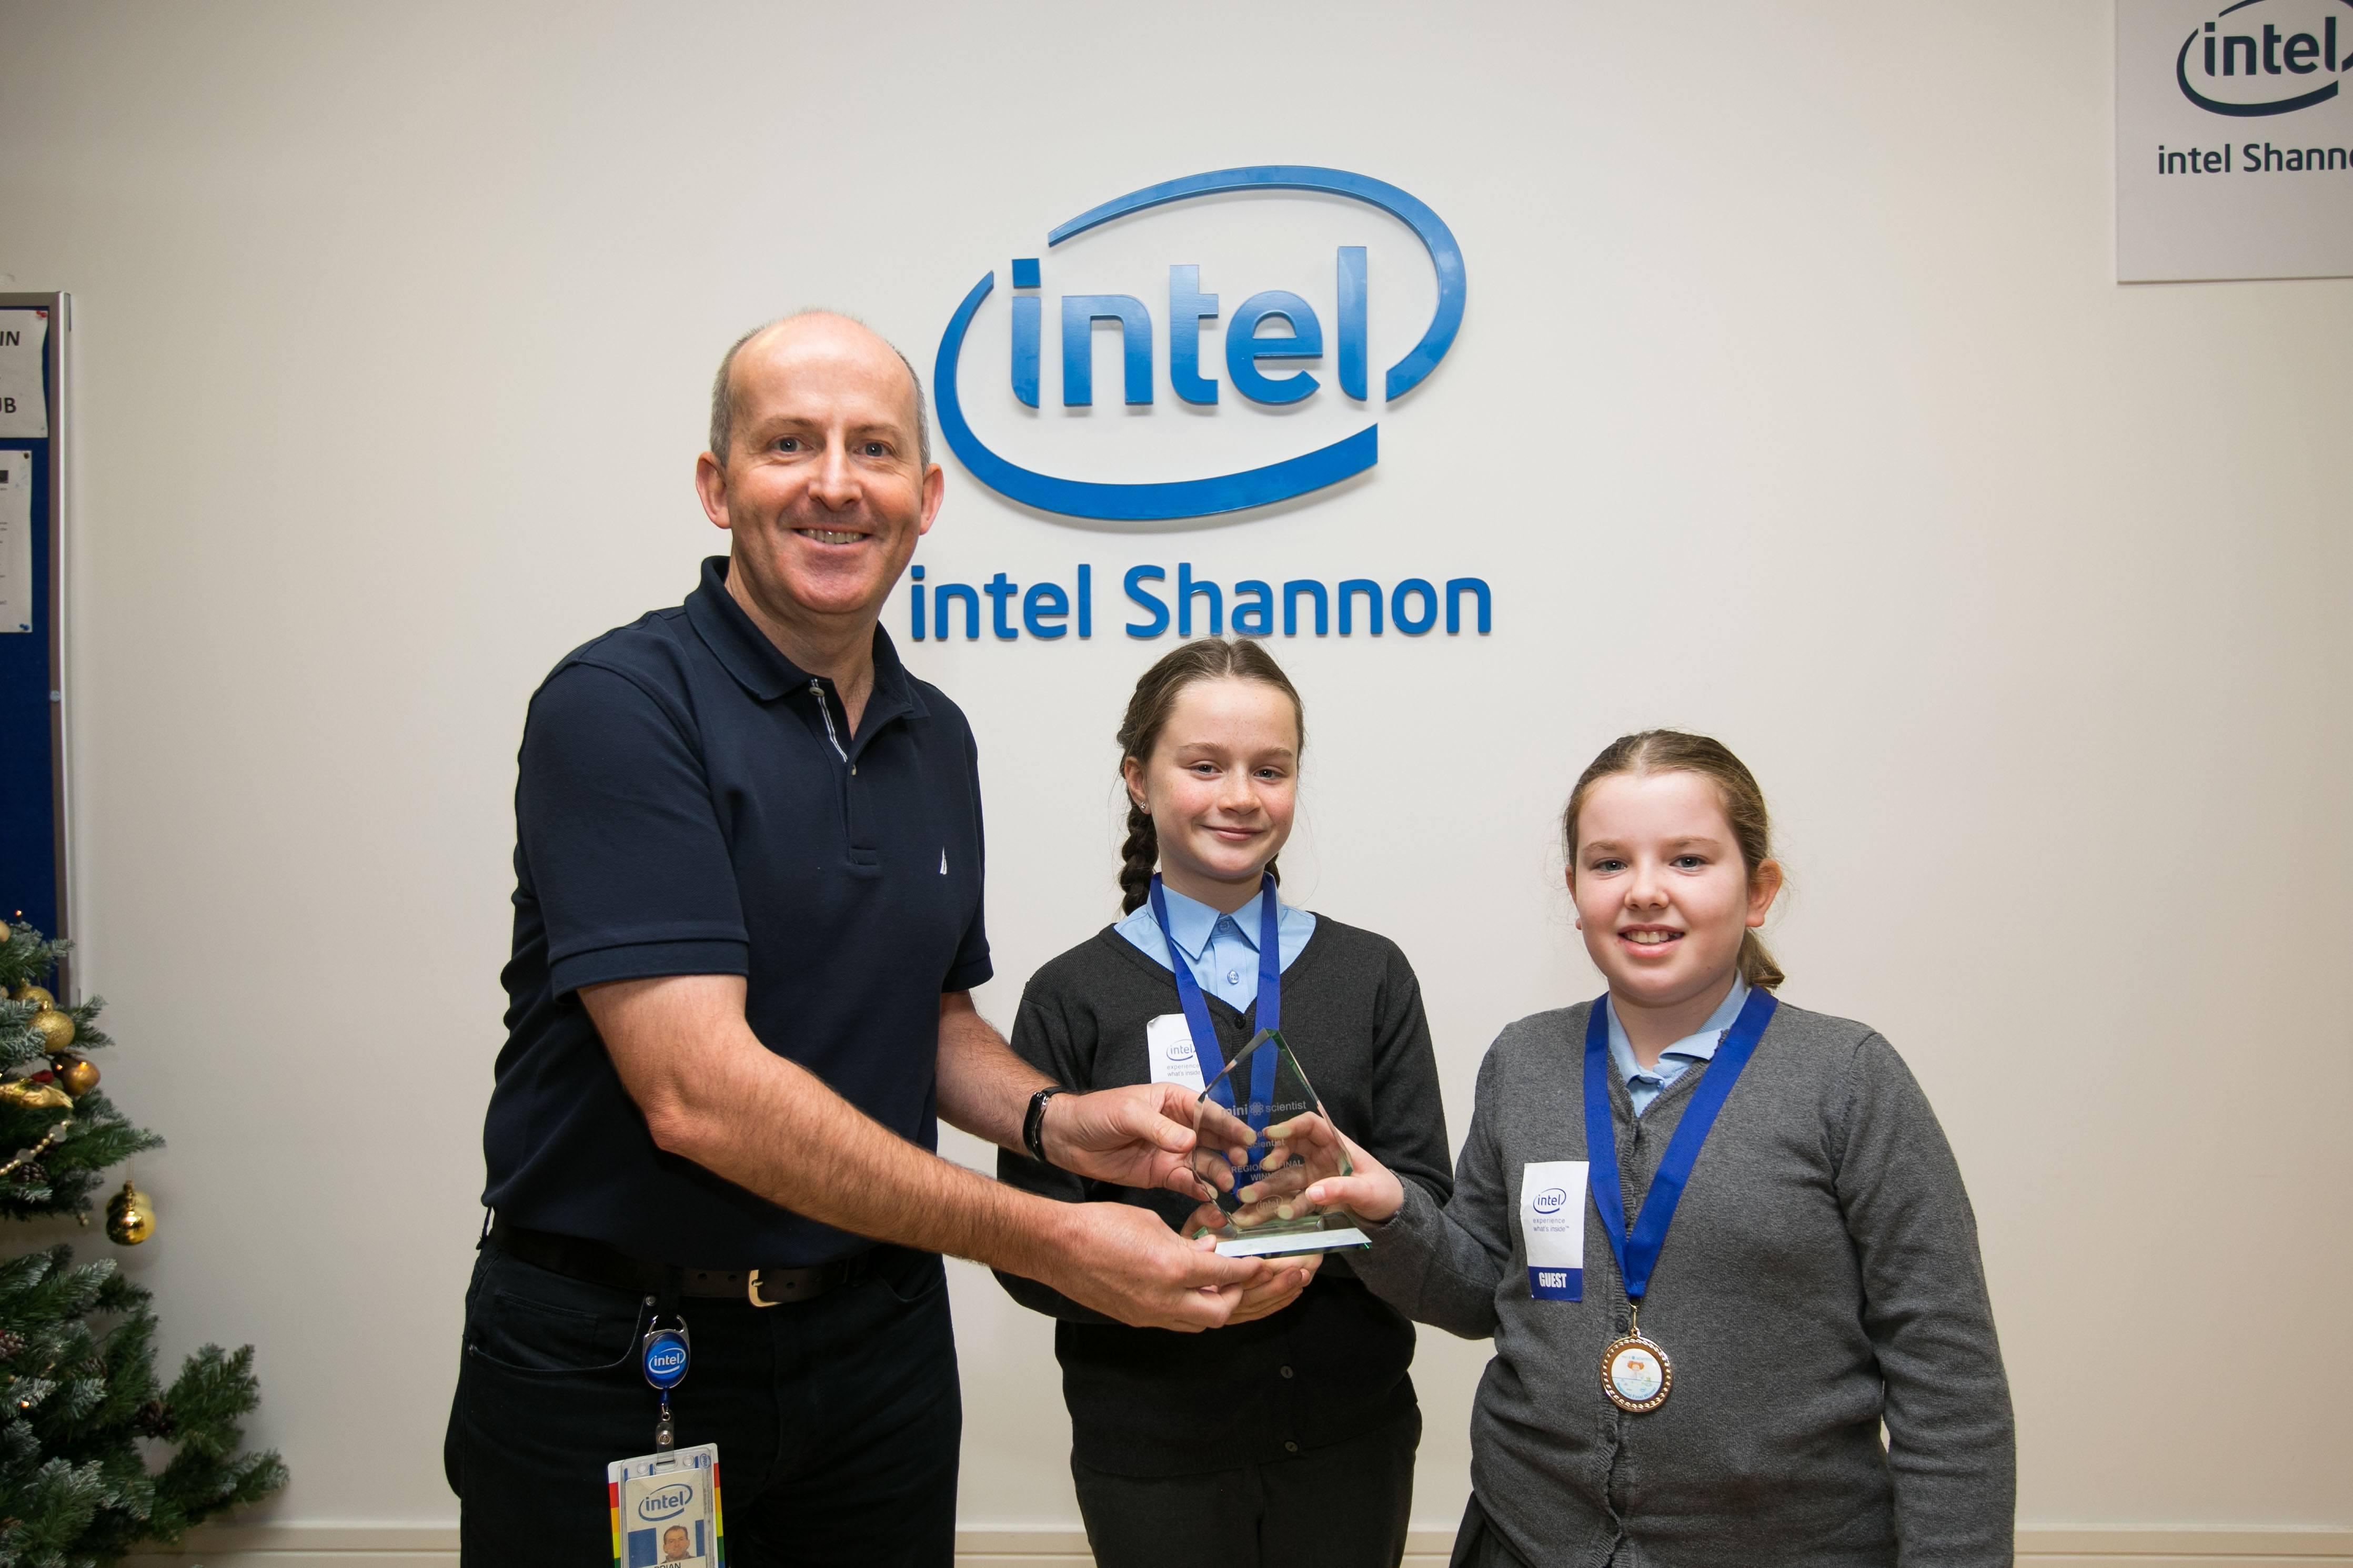 Intel Mini Scientist 0080